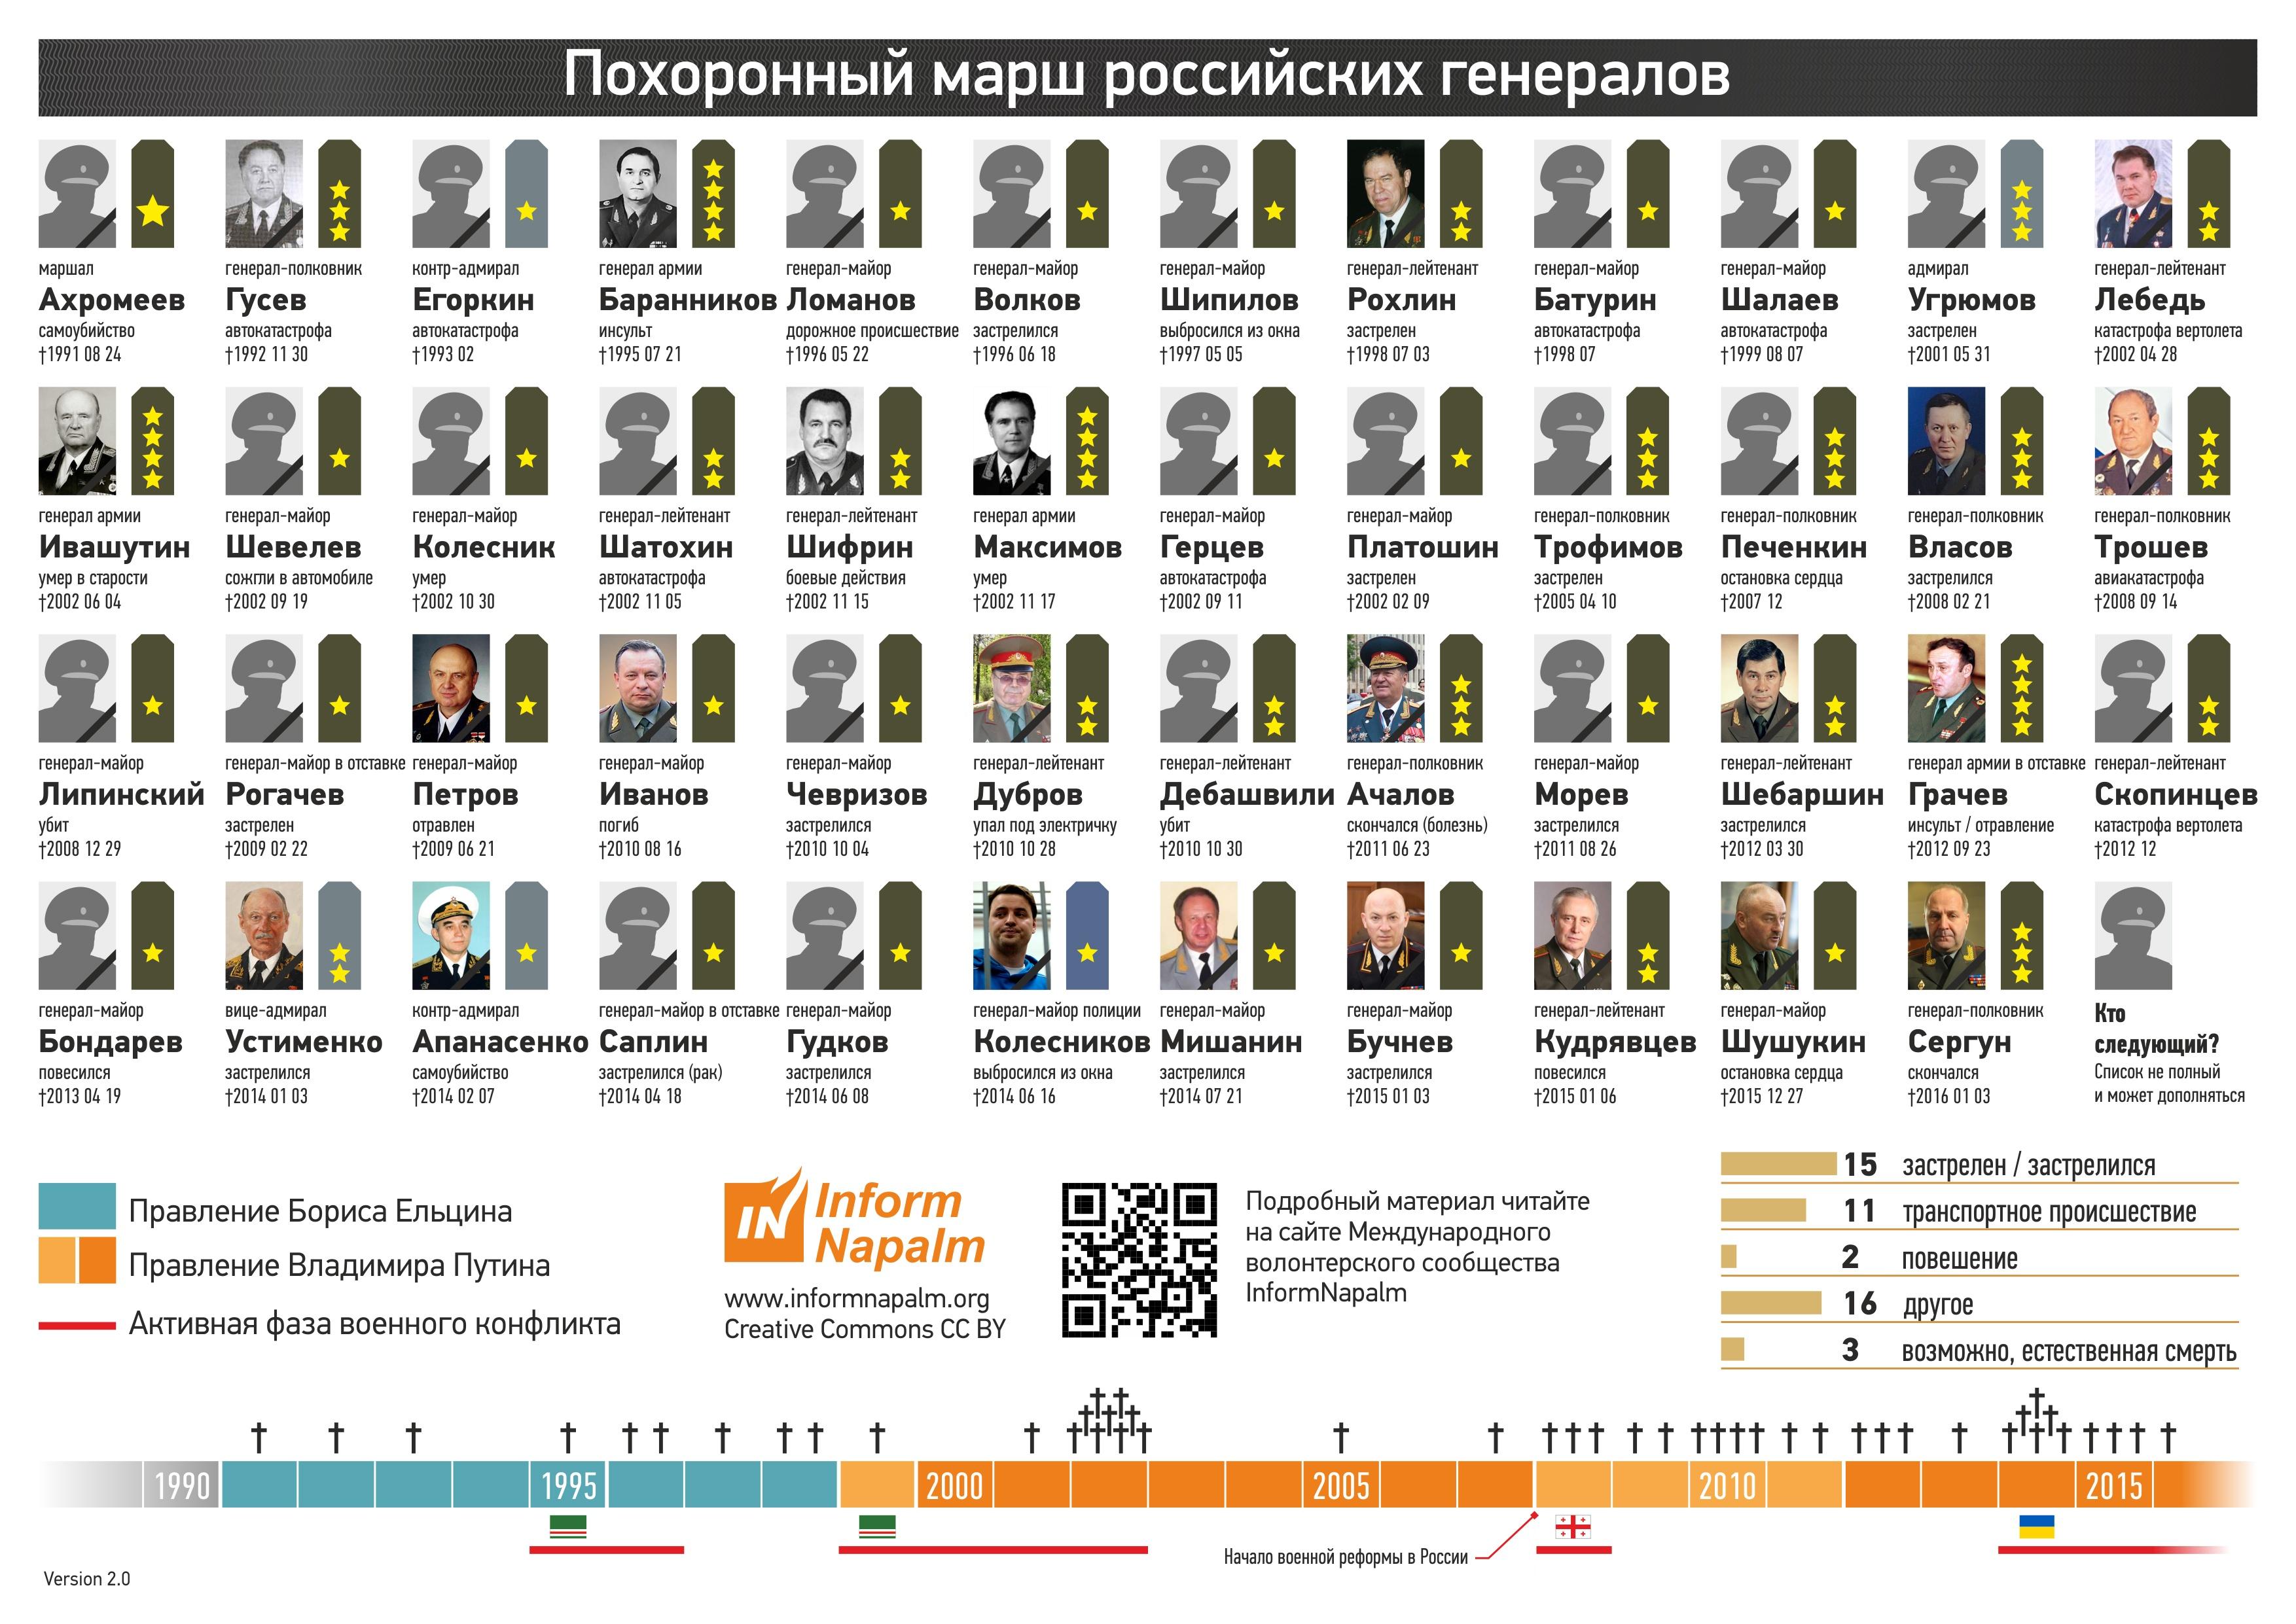 Странный мартиролог Загадочные смерти генералов в новейшей истории России